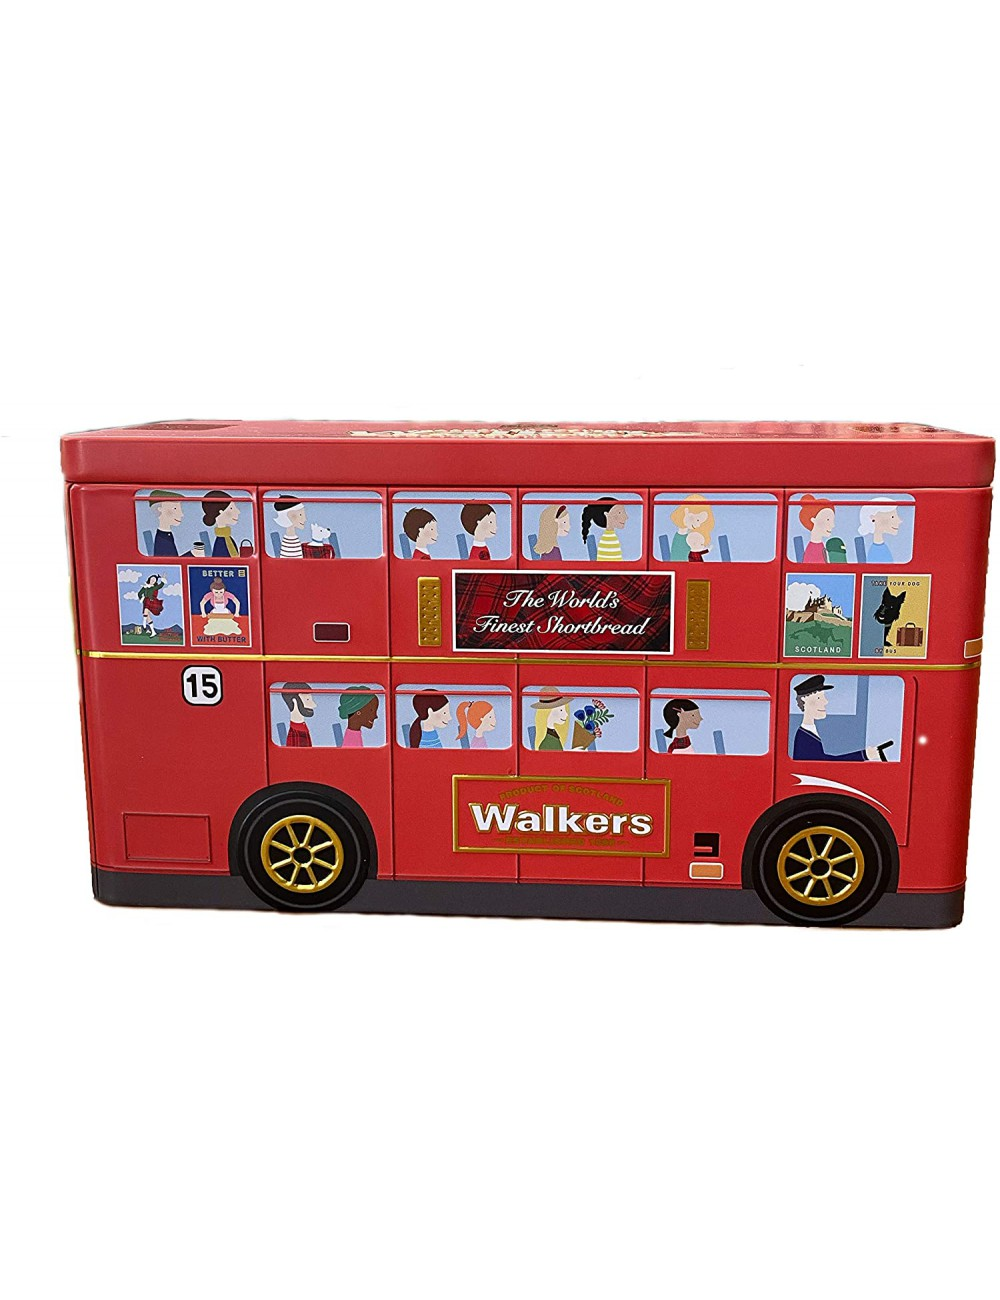 Surtido Galletas Walkers London Bus